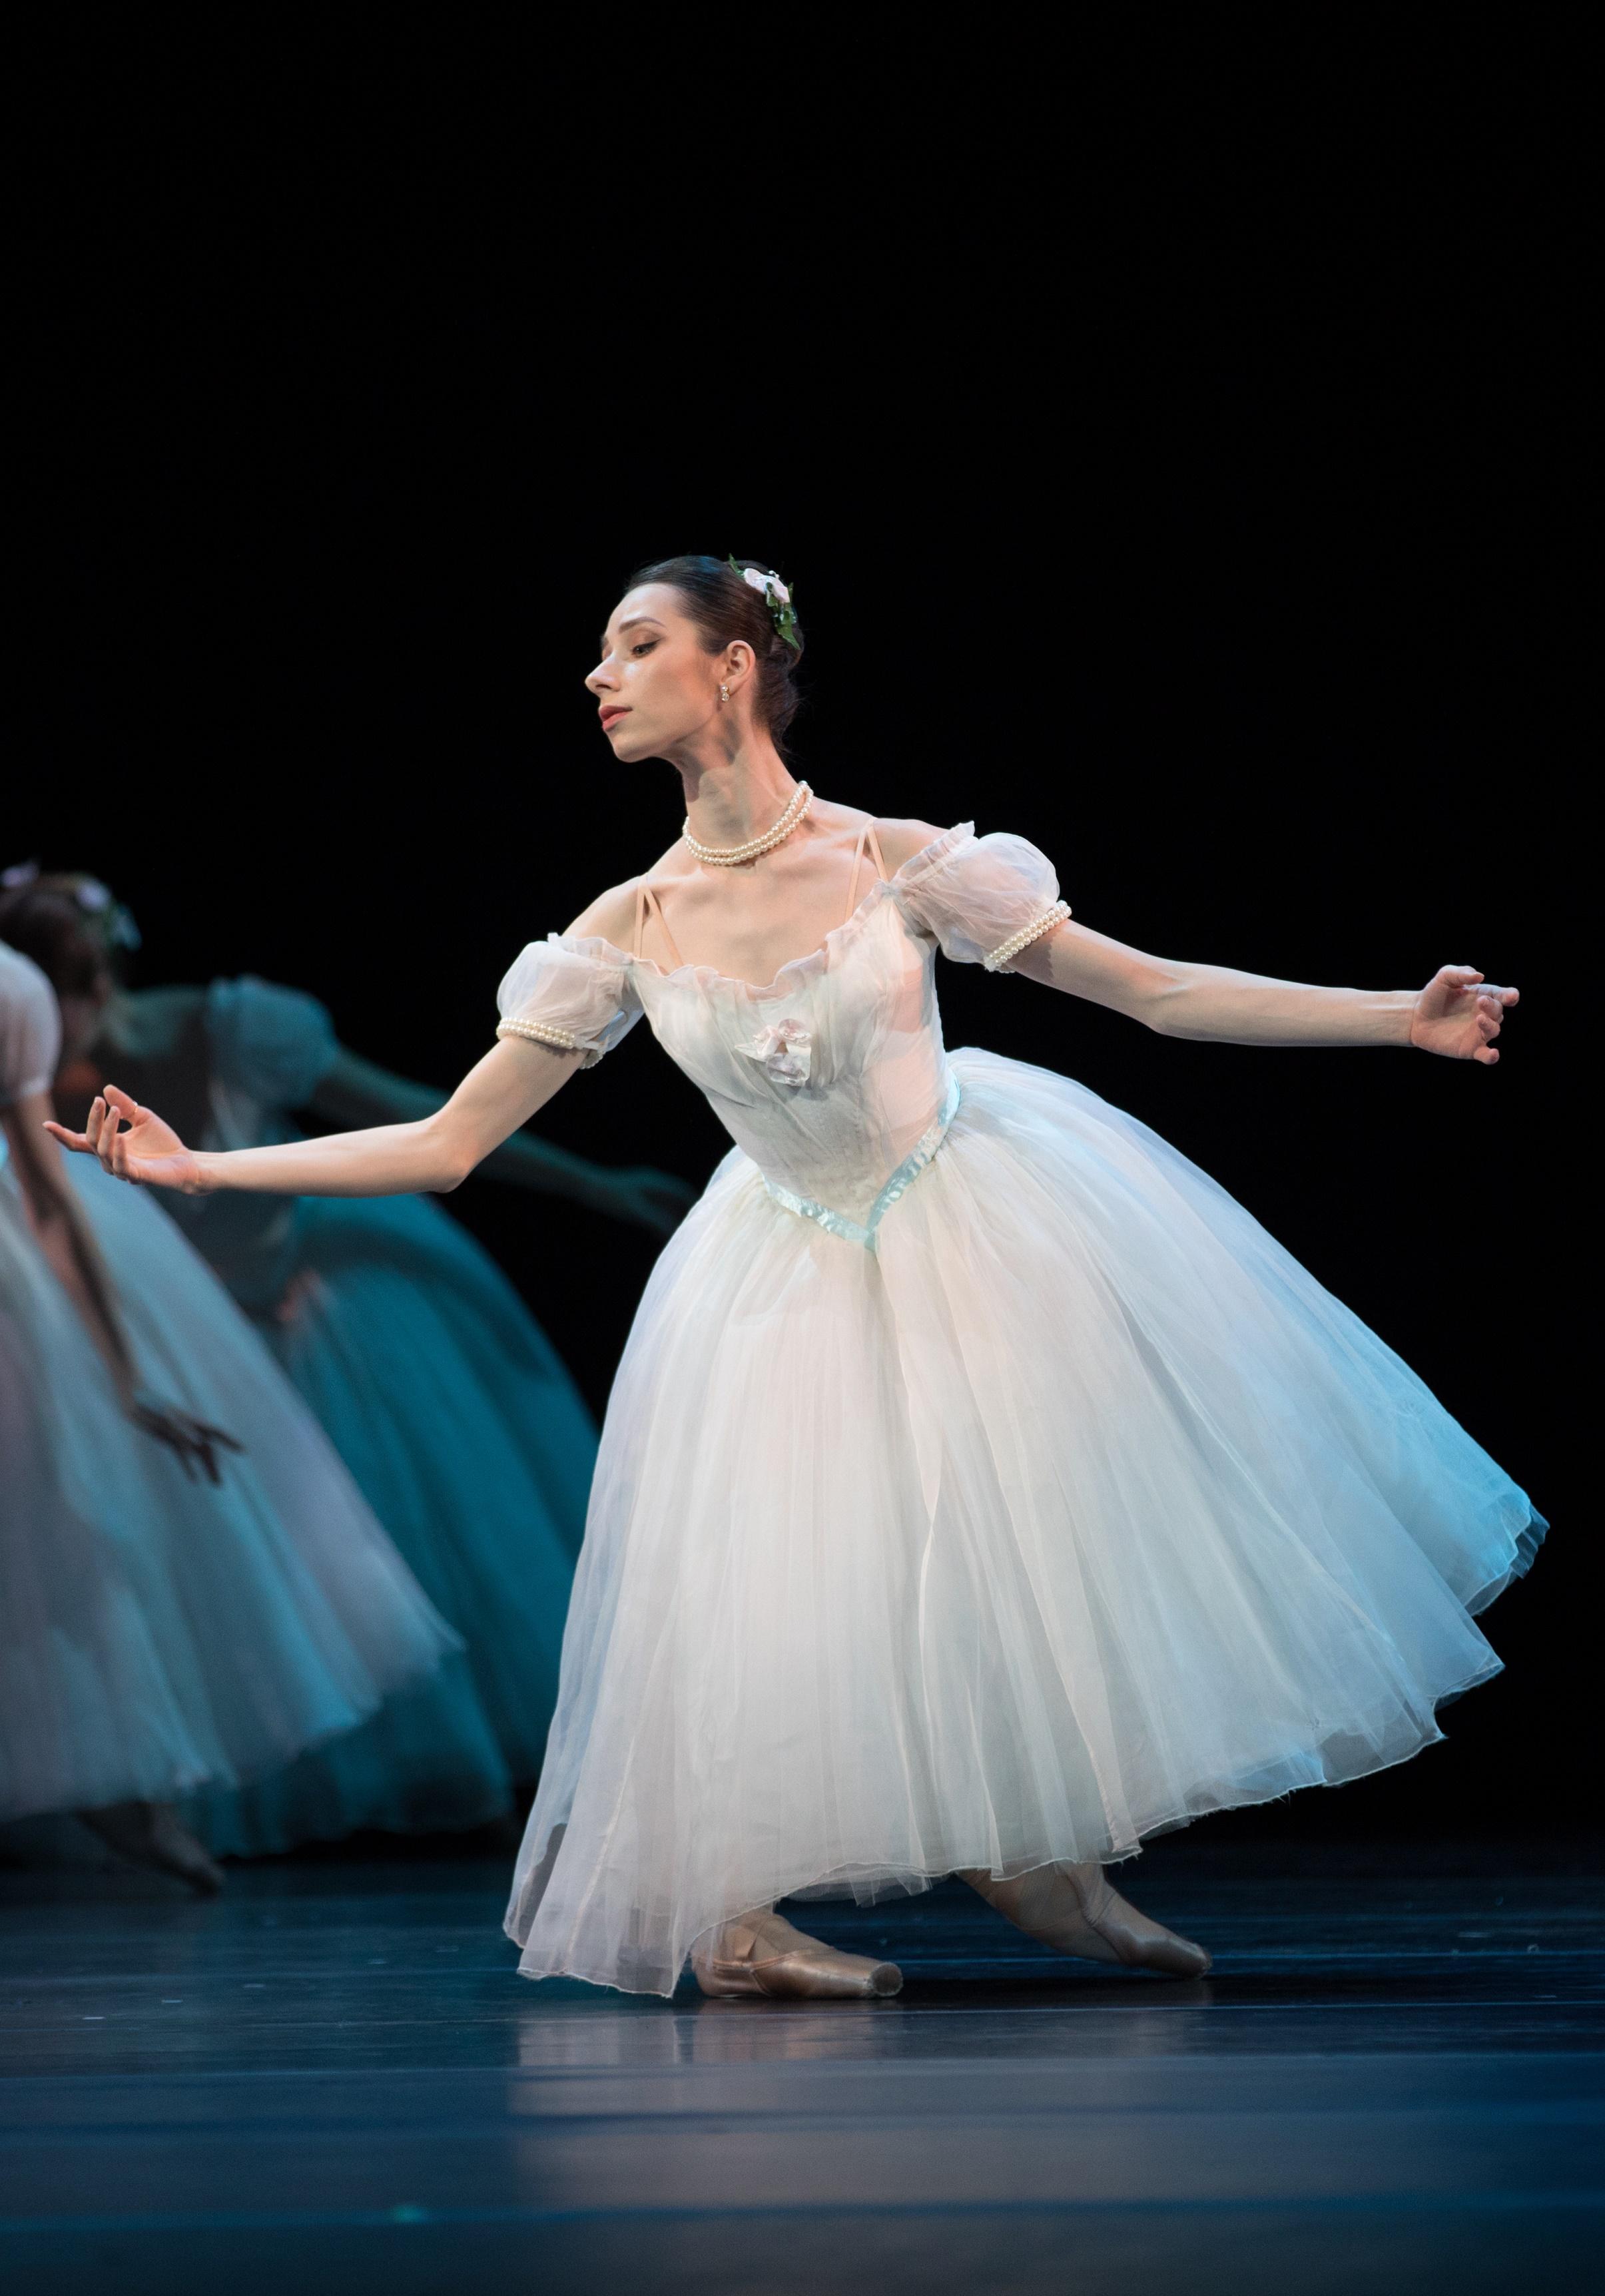 Три одноактных балета представили в Музыкальном театре им. Станиславского и Немировича-Данченко